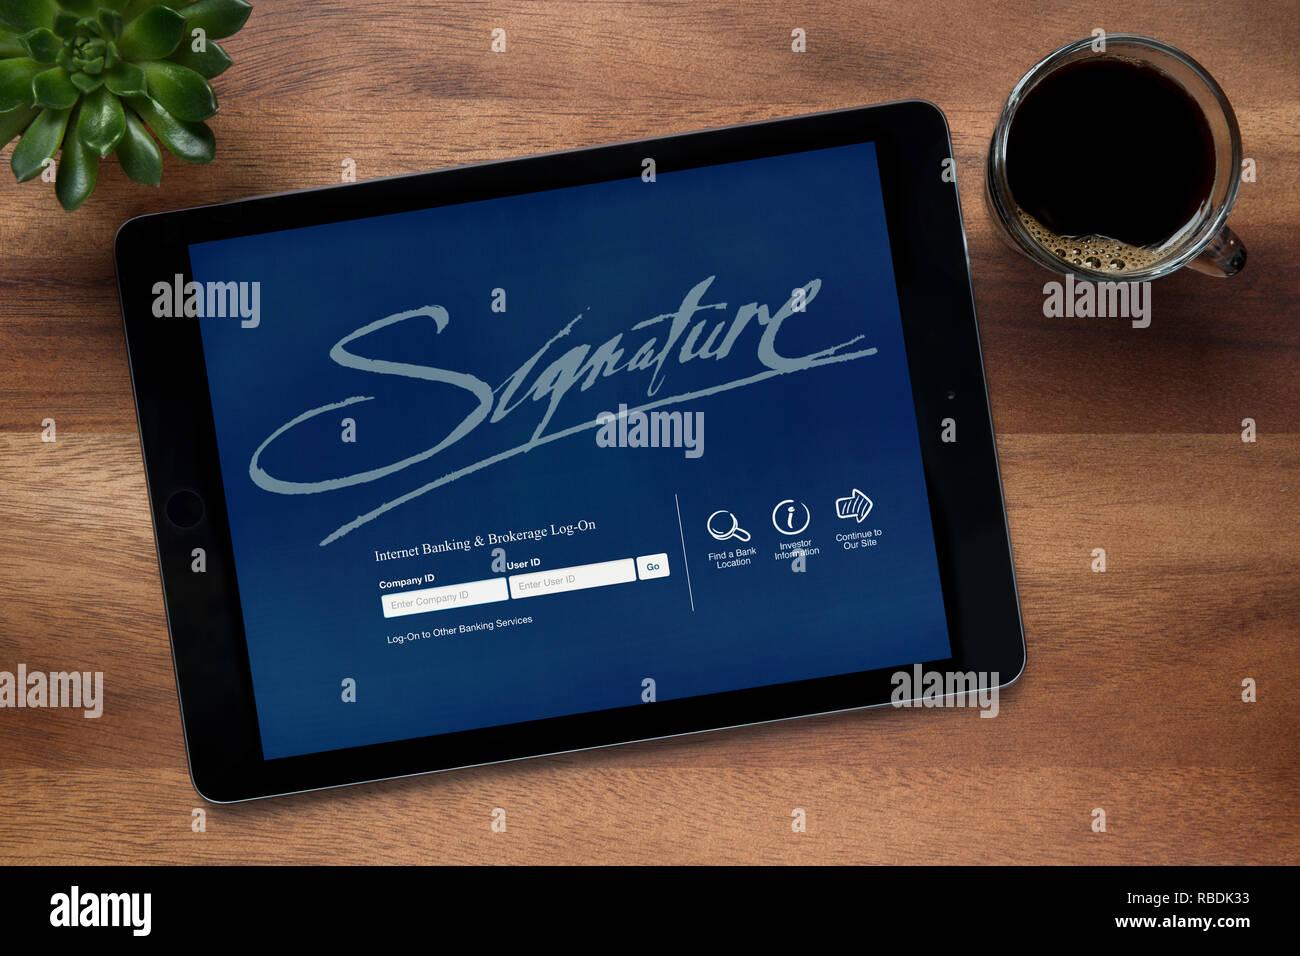 Die Website von Signatur Internet Banking ist auf einem iPad Tablet gesehen, ruht auf einem Holztisch (nur redaktionelle Nutzung). Stockbild